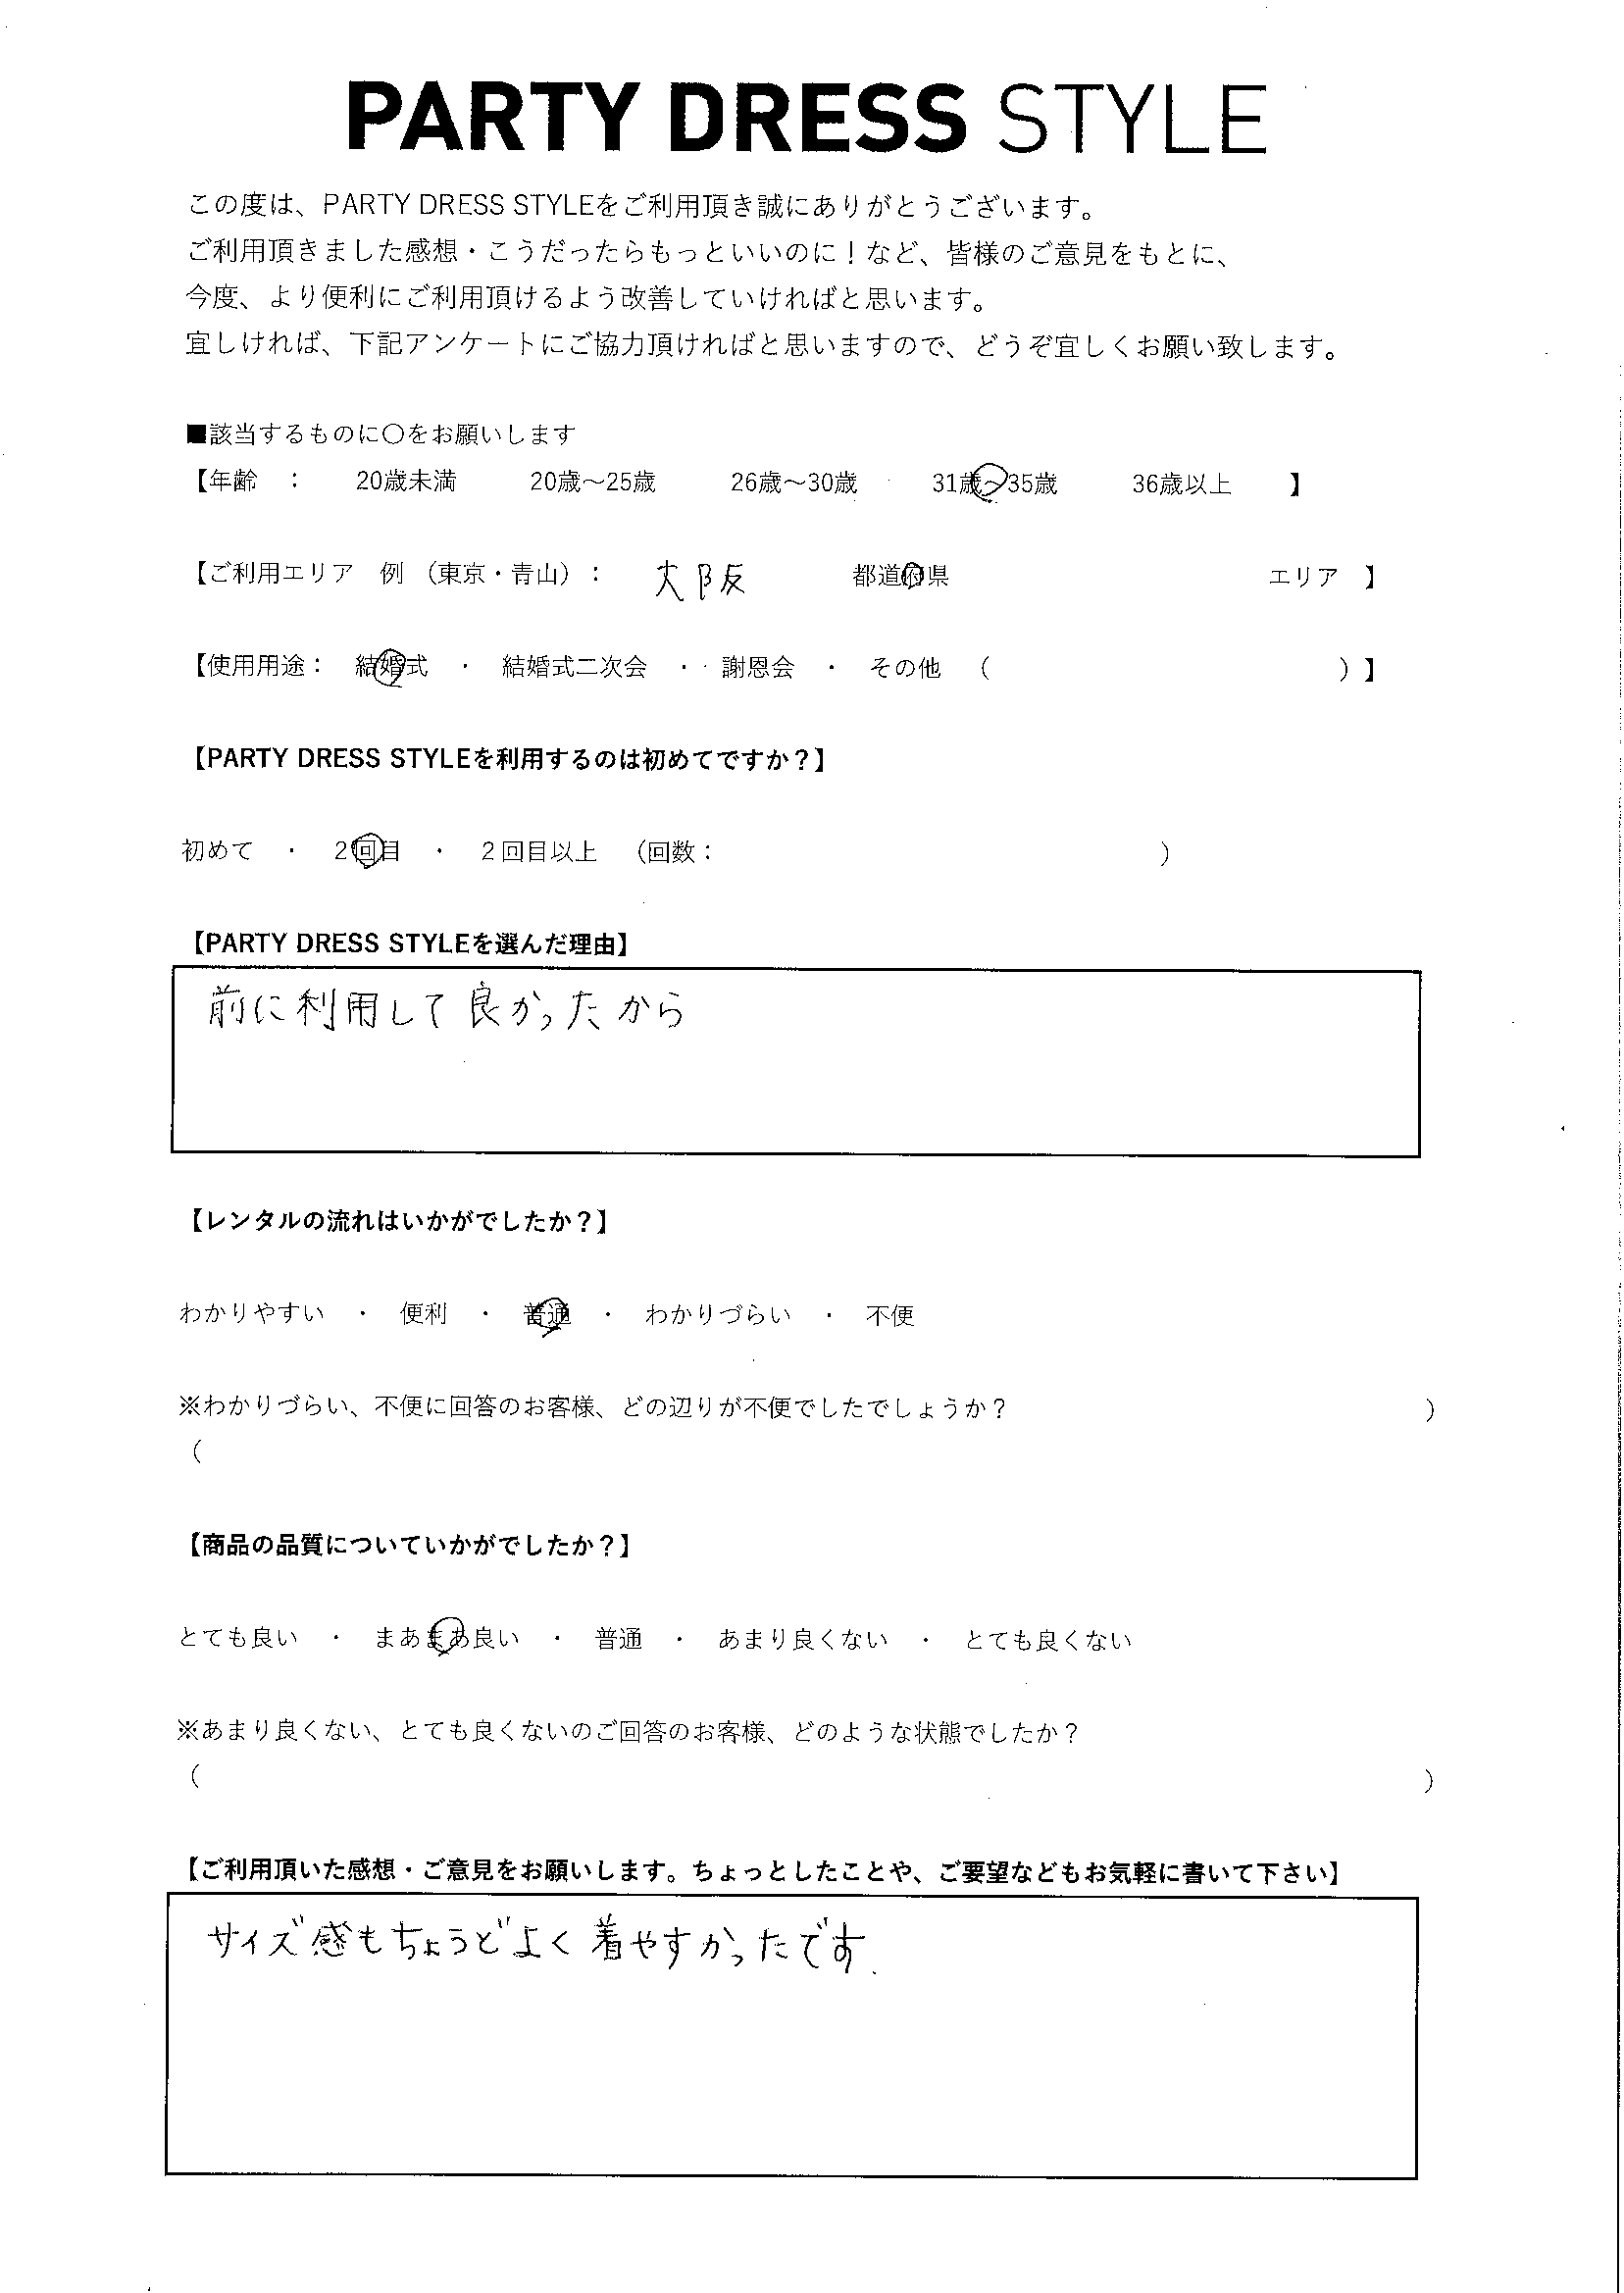 4/25結婚式ご利用 大阪エリア